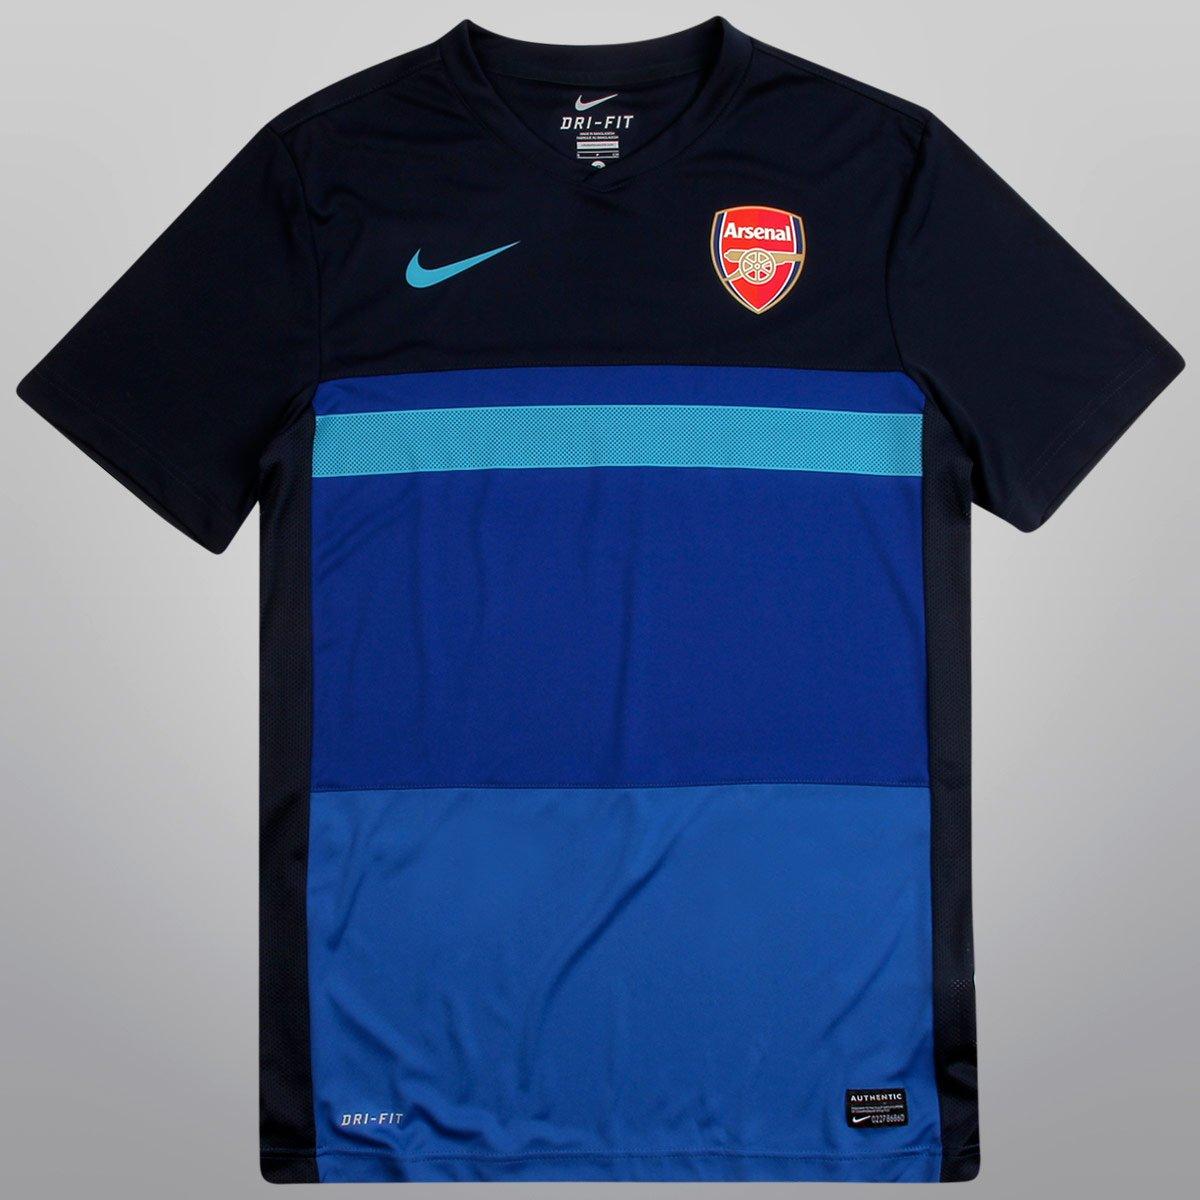 Camisa Nike Arsenal Pre Match 12 13 - Compre Agora  46915f20e7196